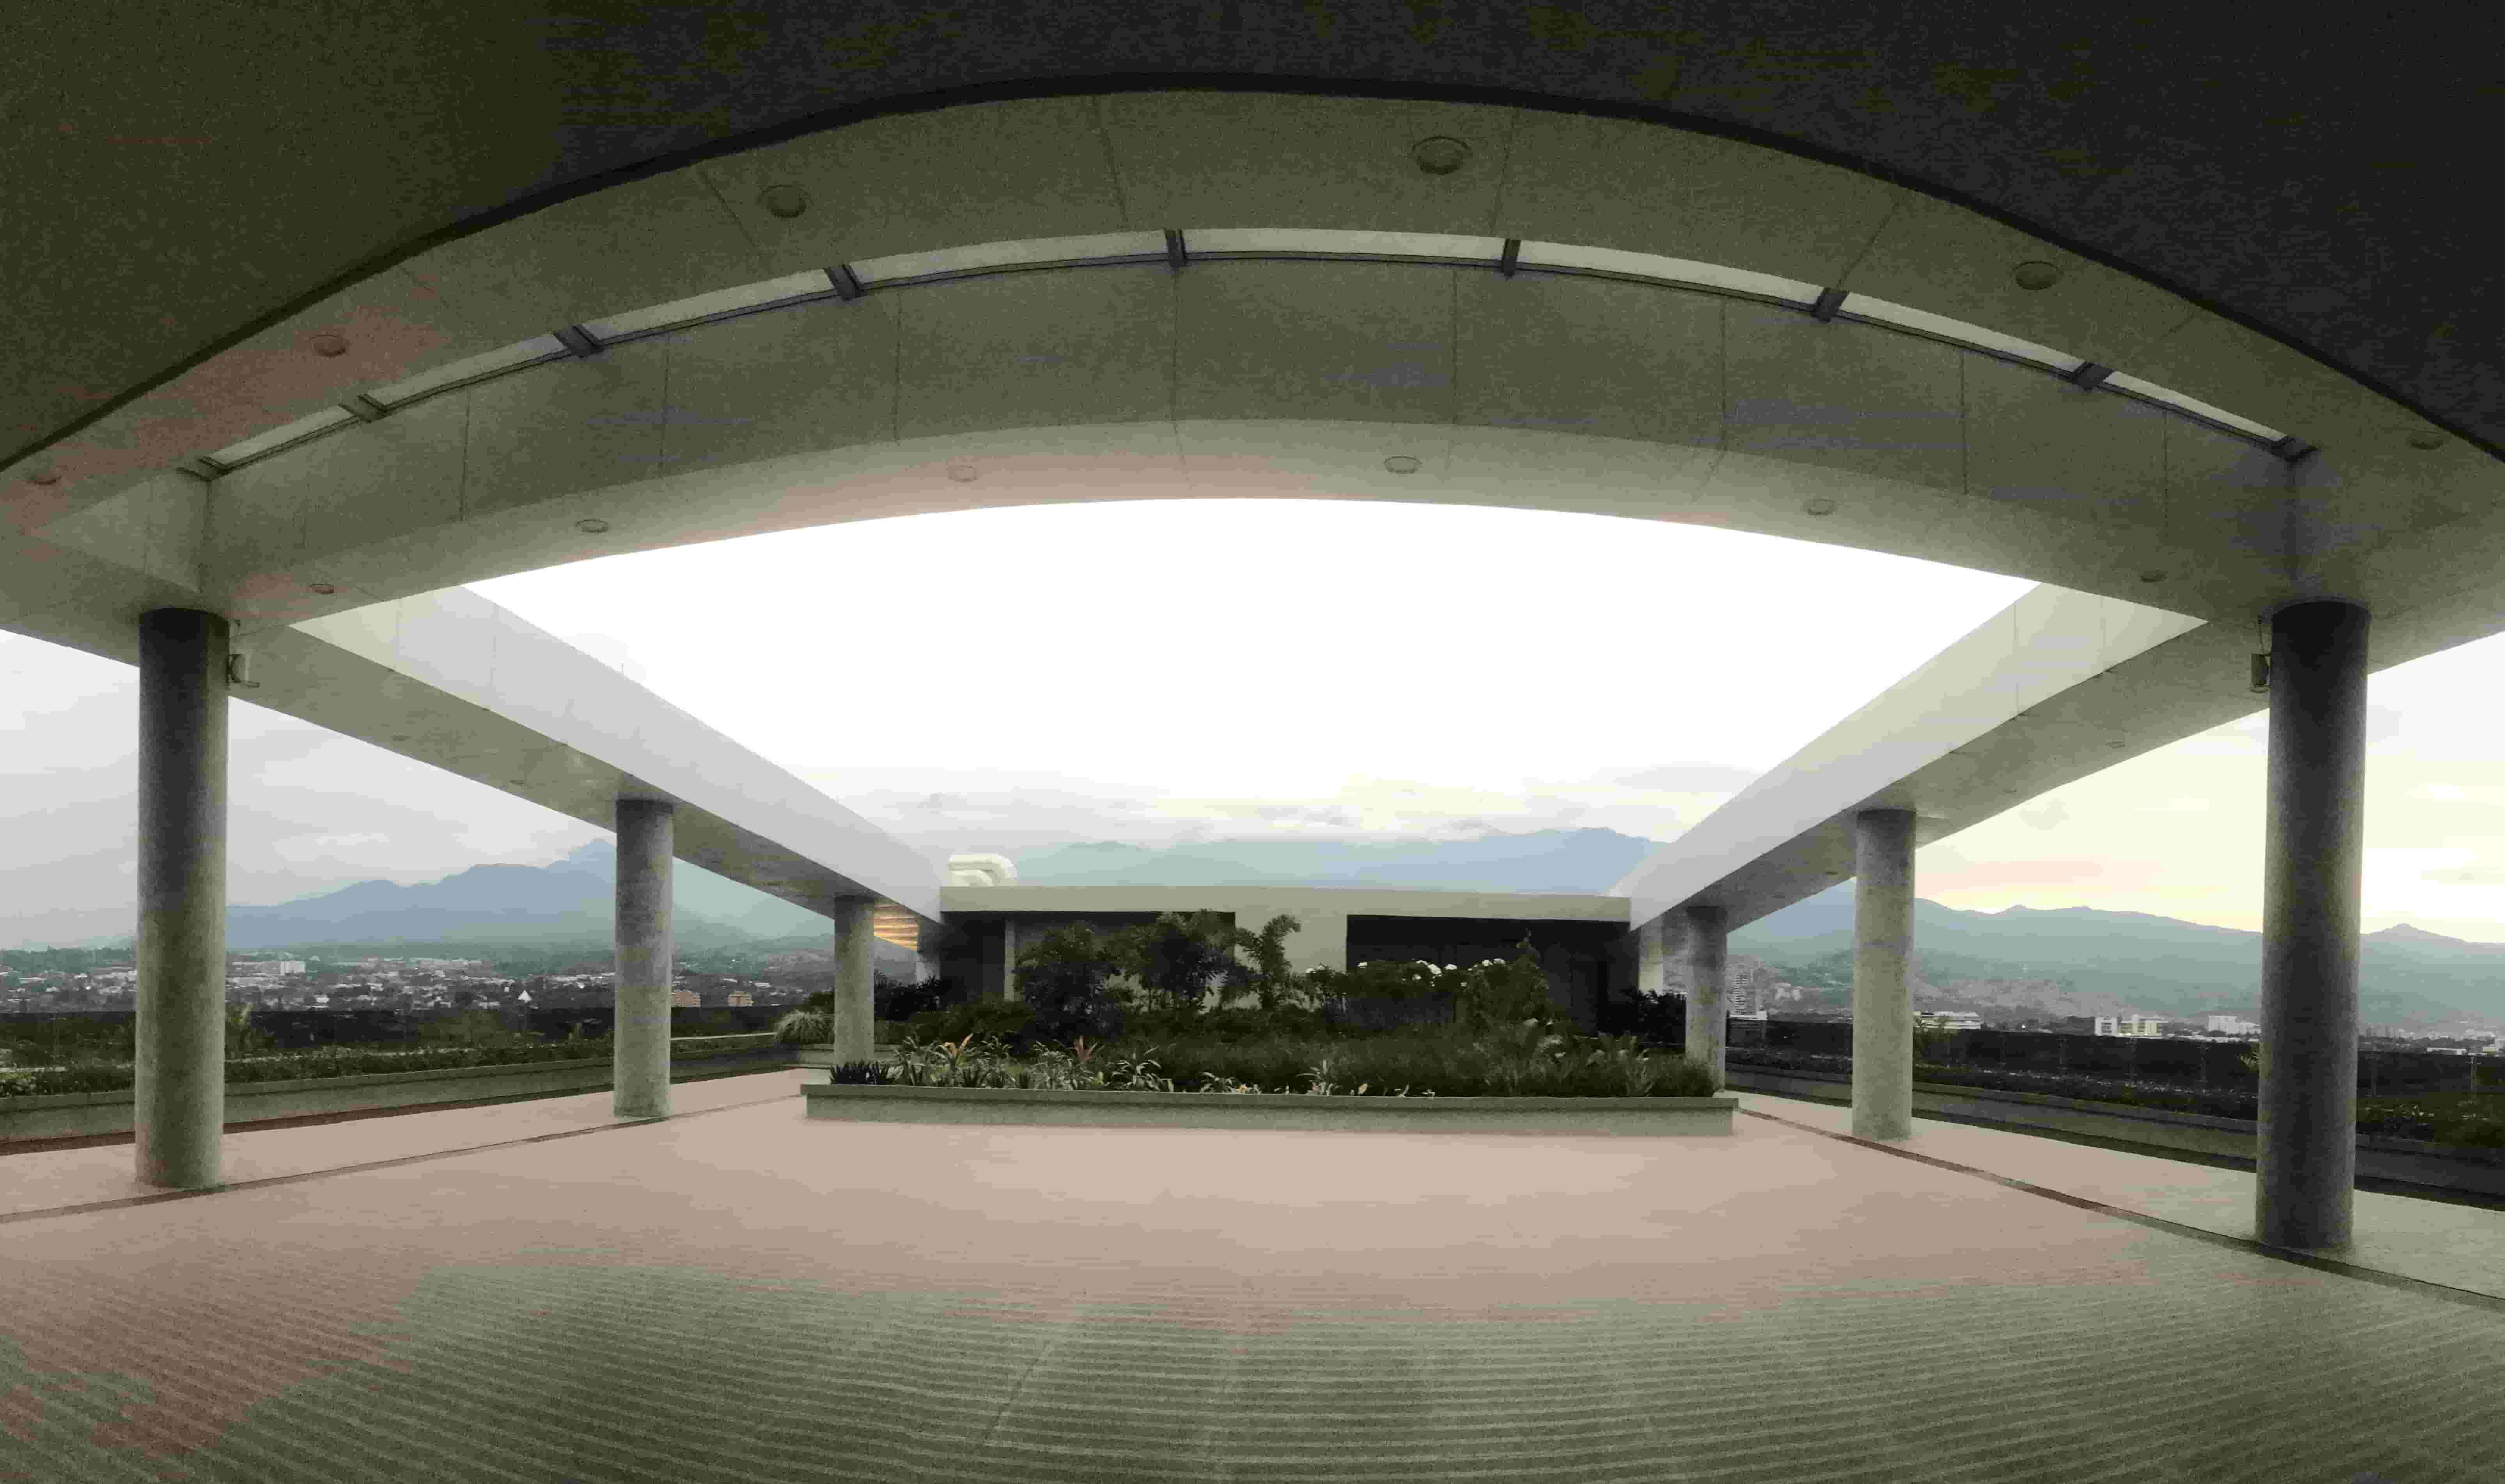 Oficina en  Ciudad Jardin, CALI 89825, foto 2